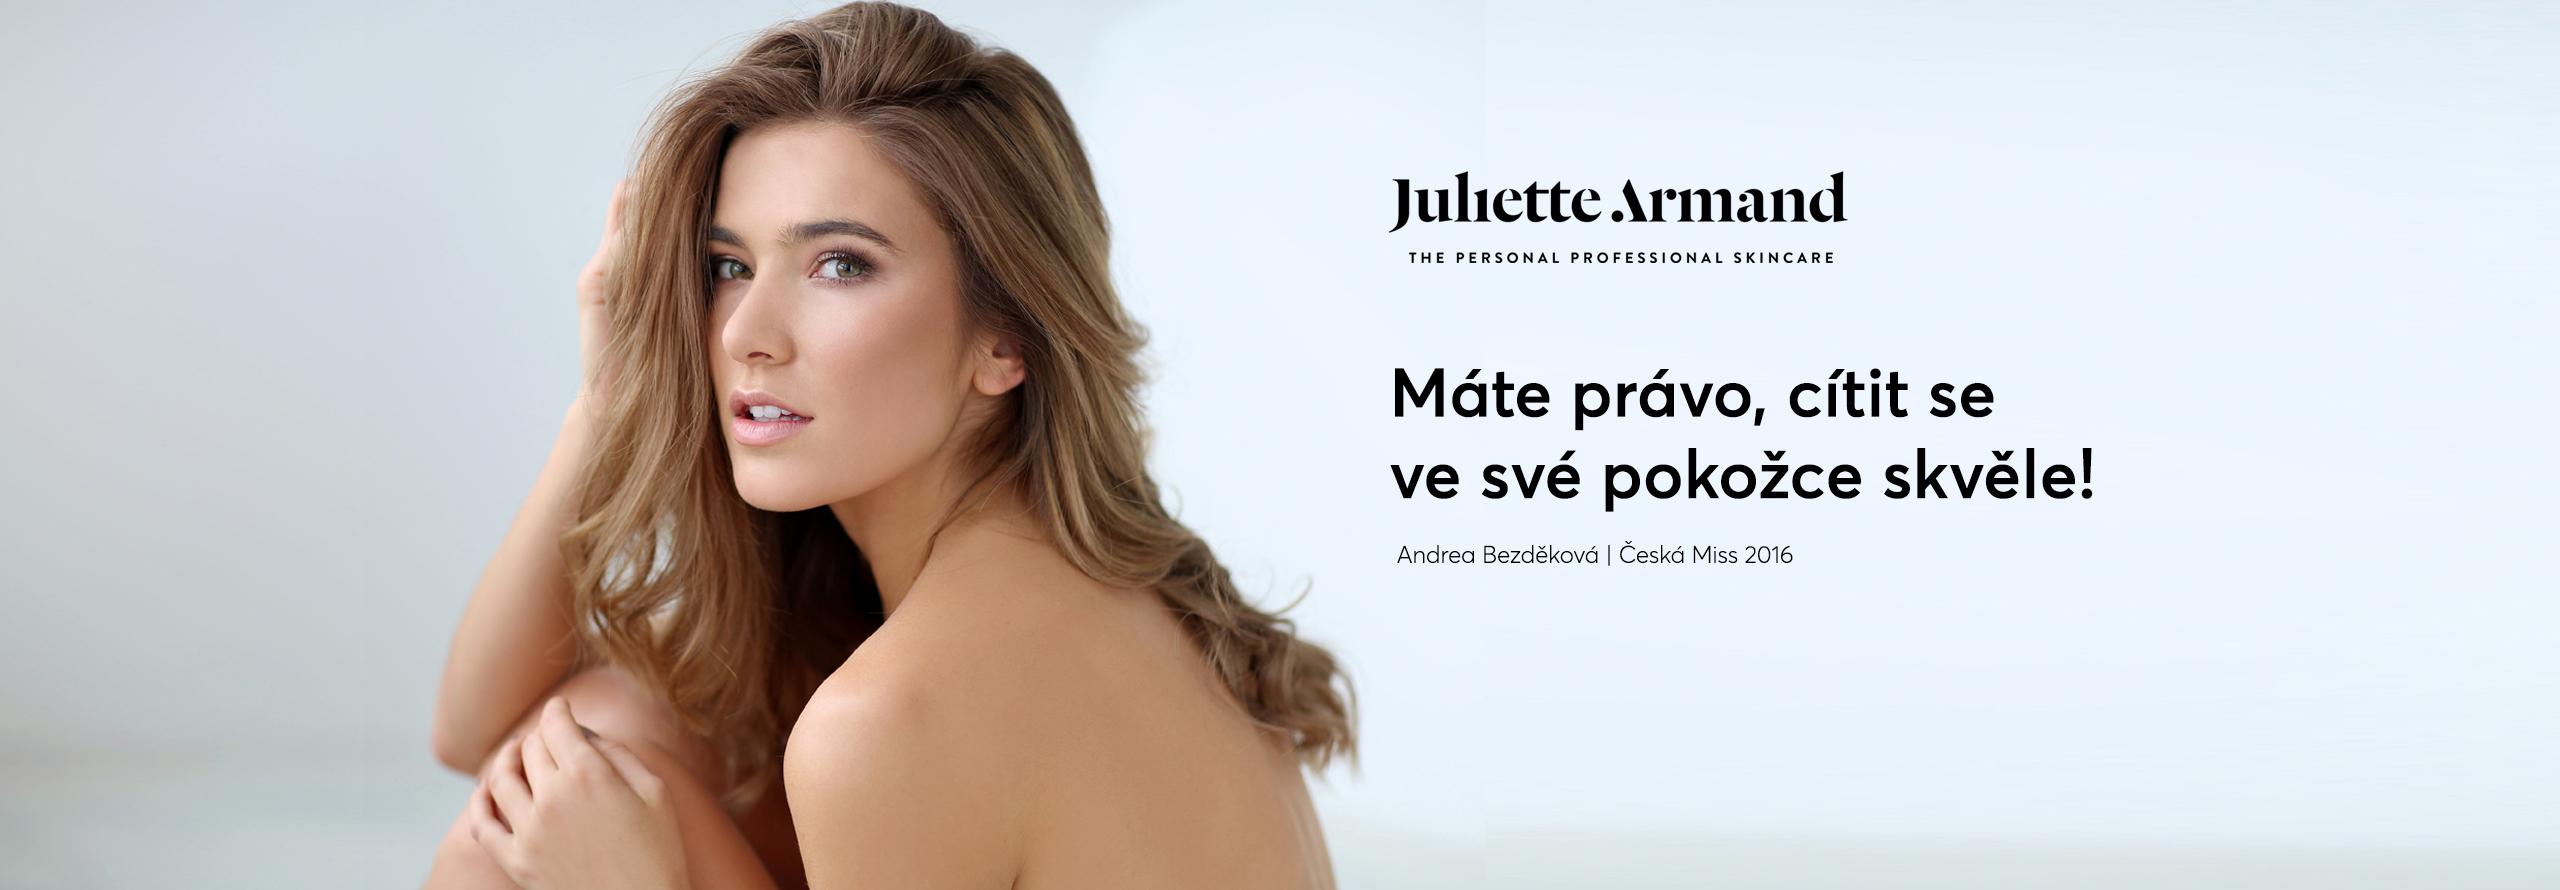 Andrea bezděková - Juliette Armand JA.cz